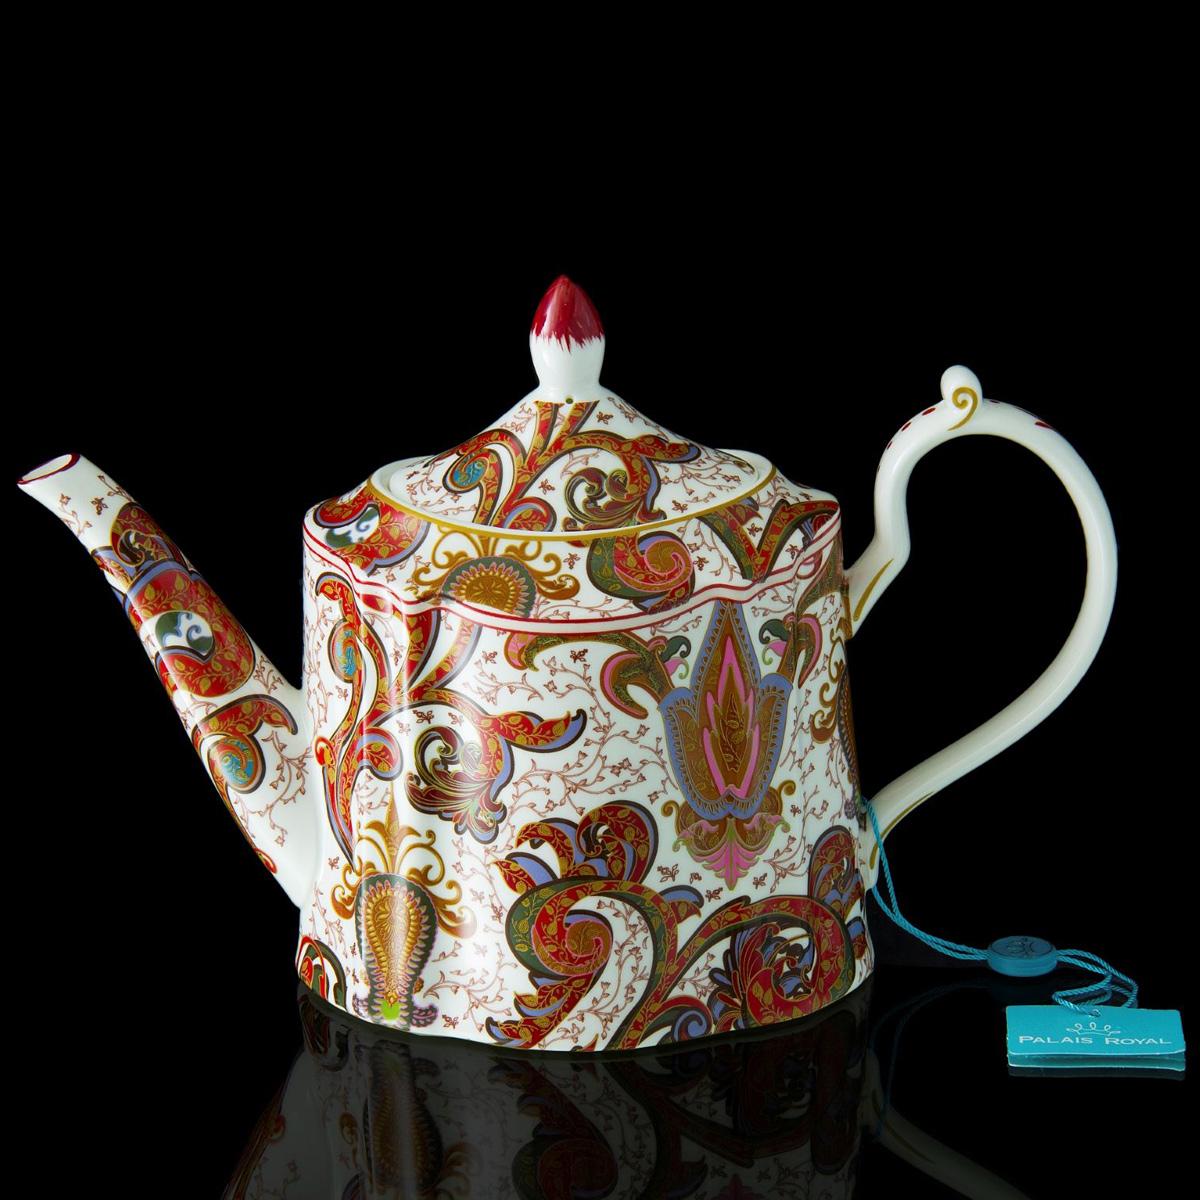 Чайник Lamart Роспись цветов, 1,3 л133210